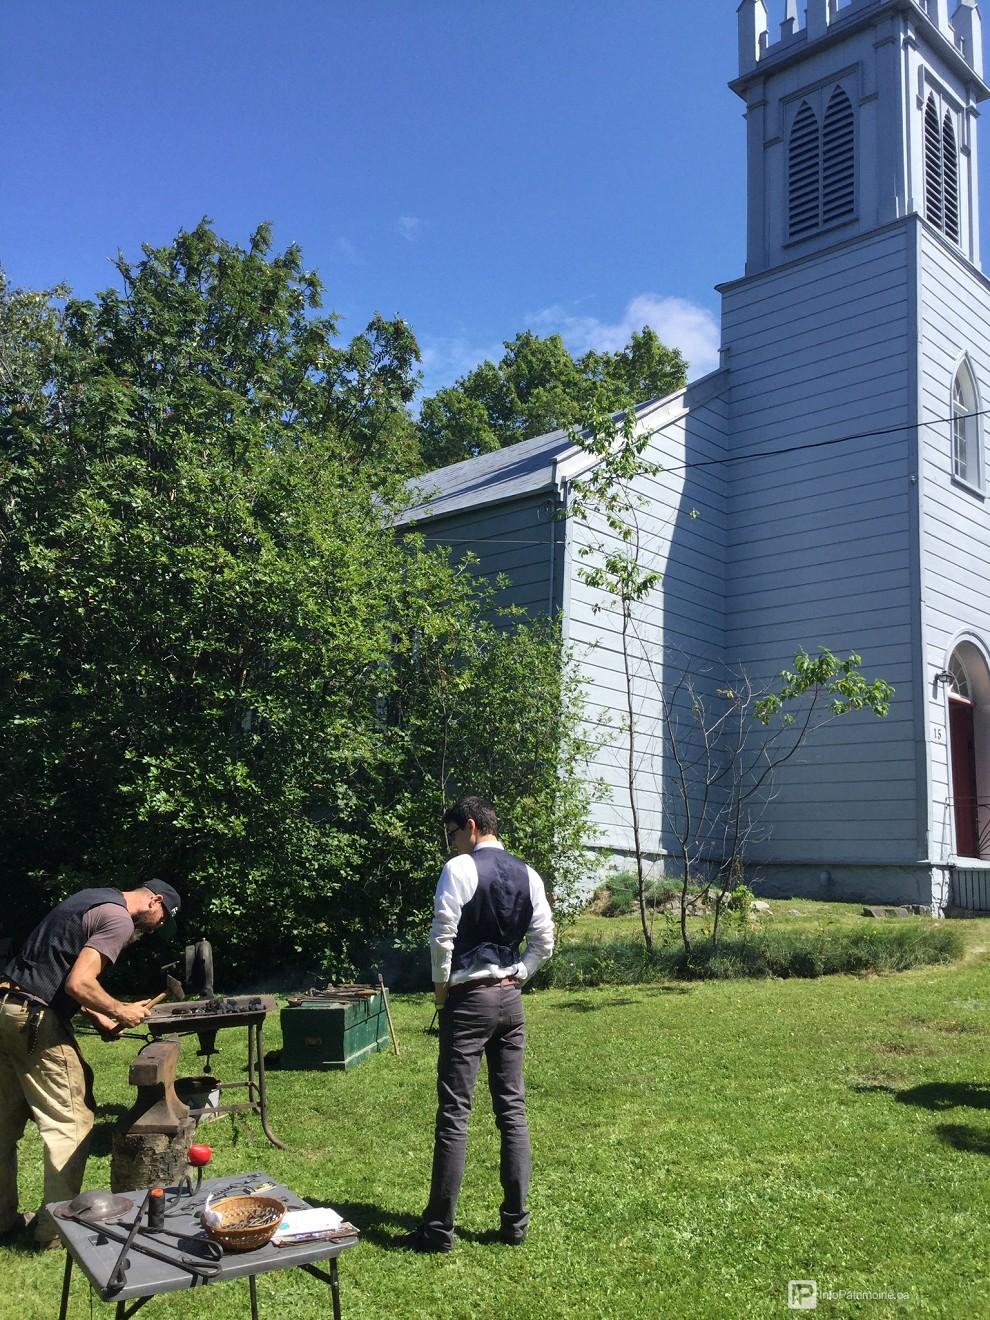 Forge du barbu, savoir-faire, chapelle st-bartholomew (Auteur : Ville RDL)